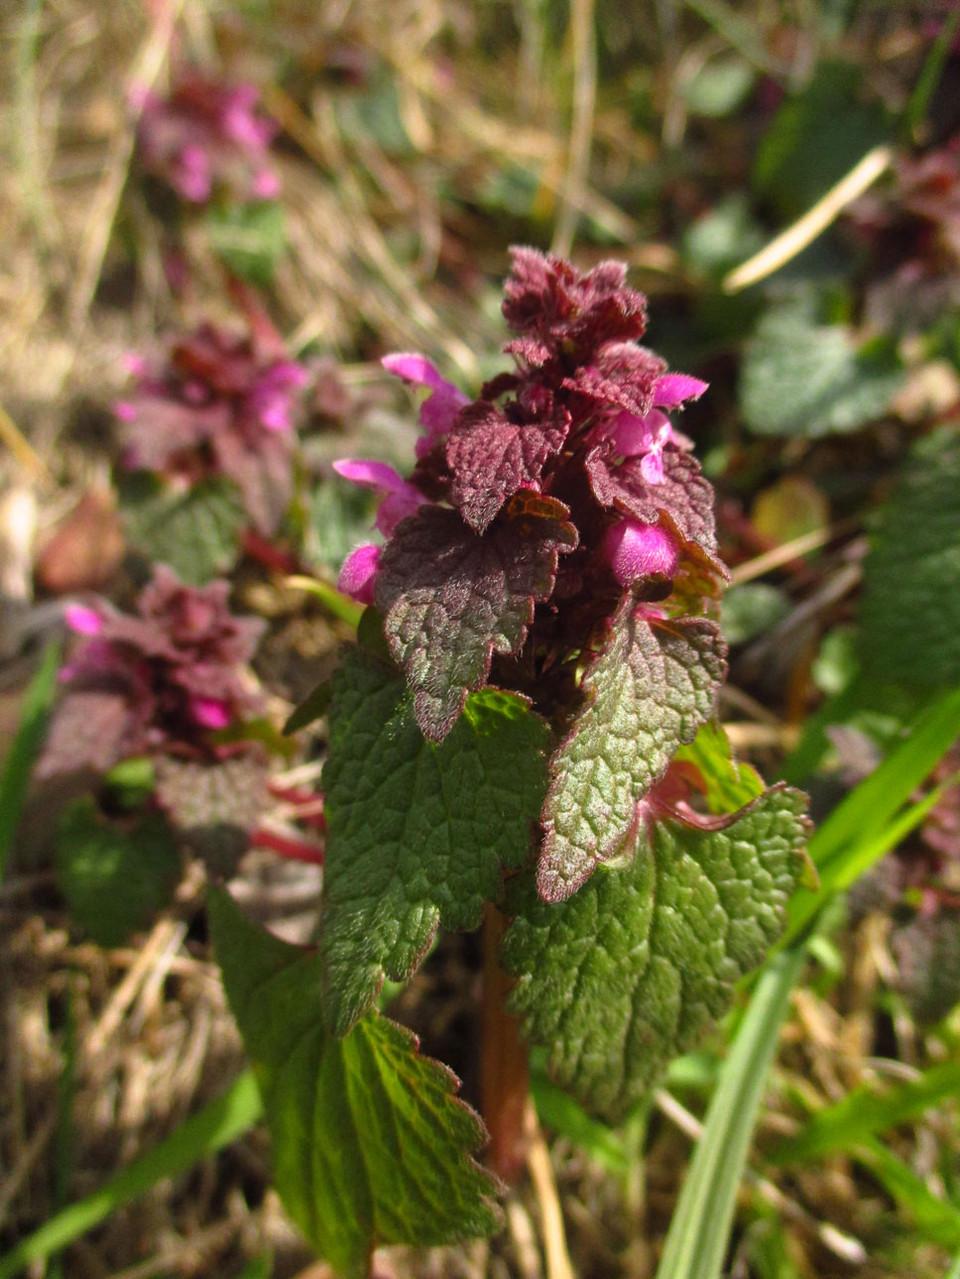 Purpur-Taubnessel (Lamium purpureum) | Familie: Lippenblütler (Lamiaceae)